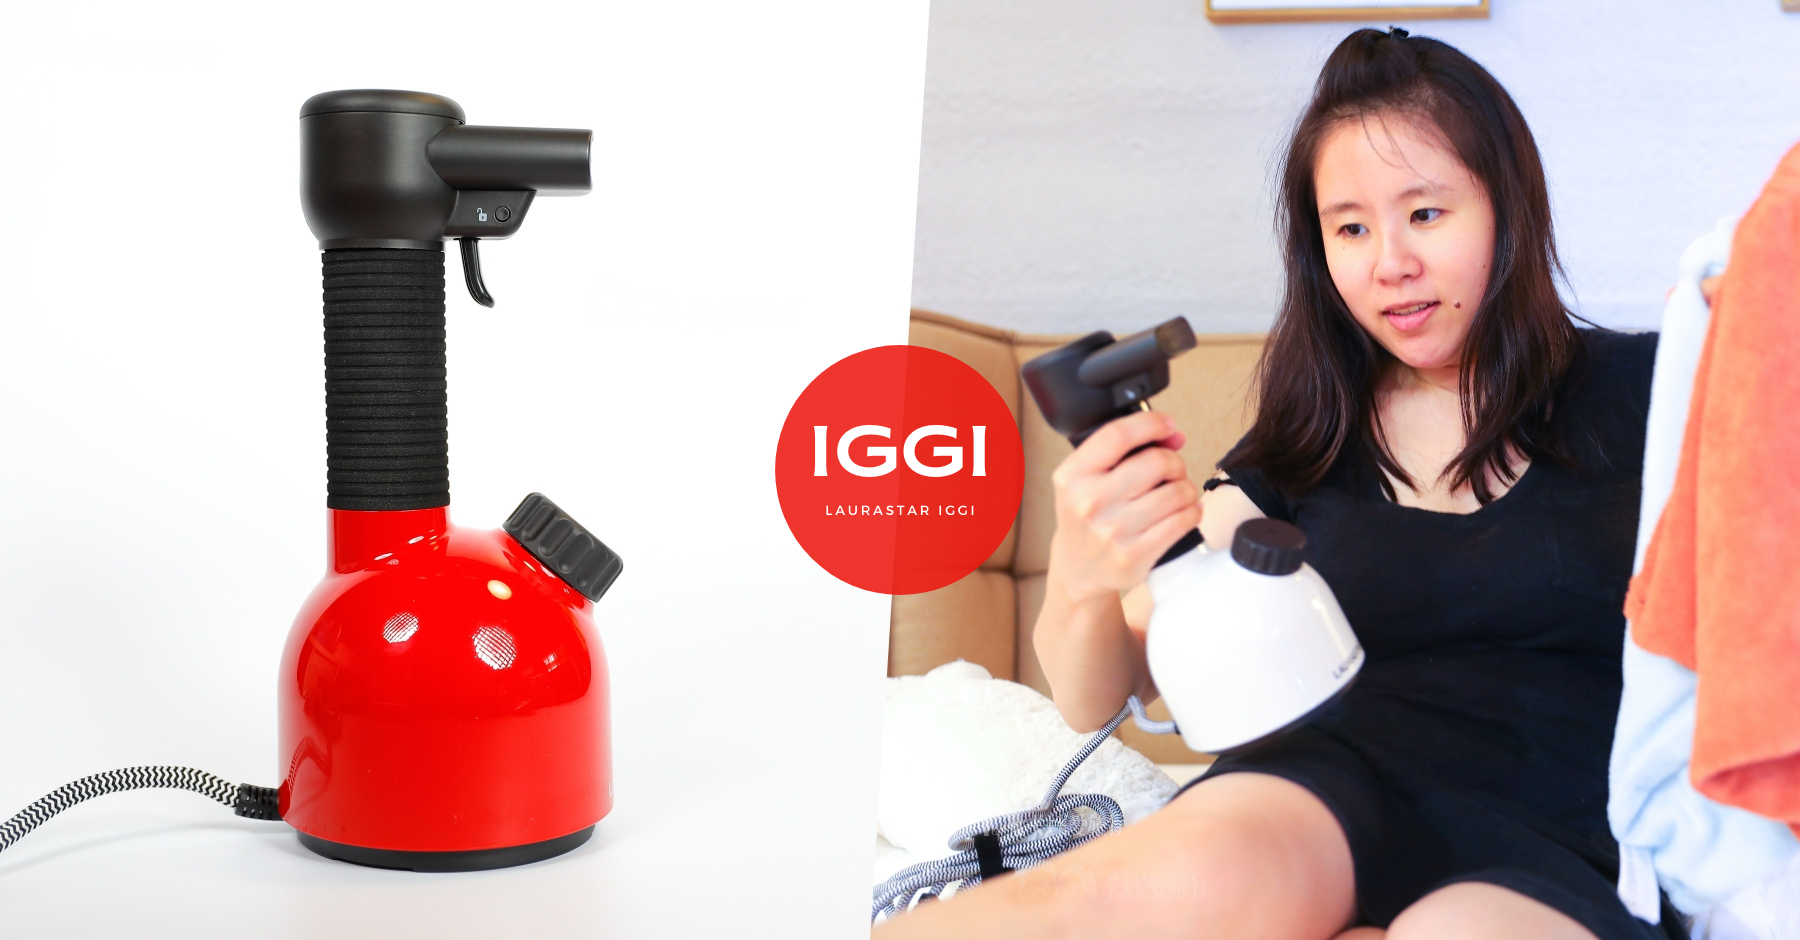 瑞士Laurastar IGGI手持蒸汽掛燙機評價優點缺點心得分享|美型蒸氣掛燙電燙斗好用團購